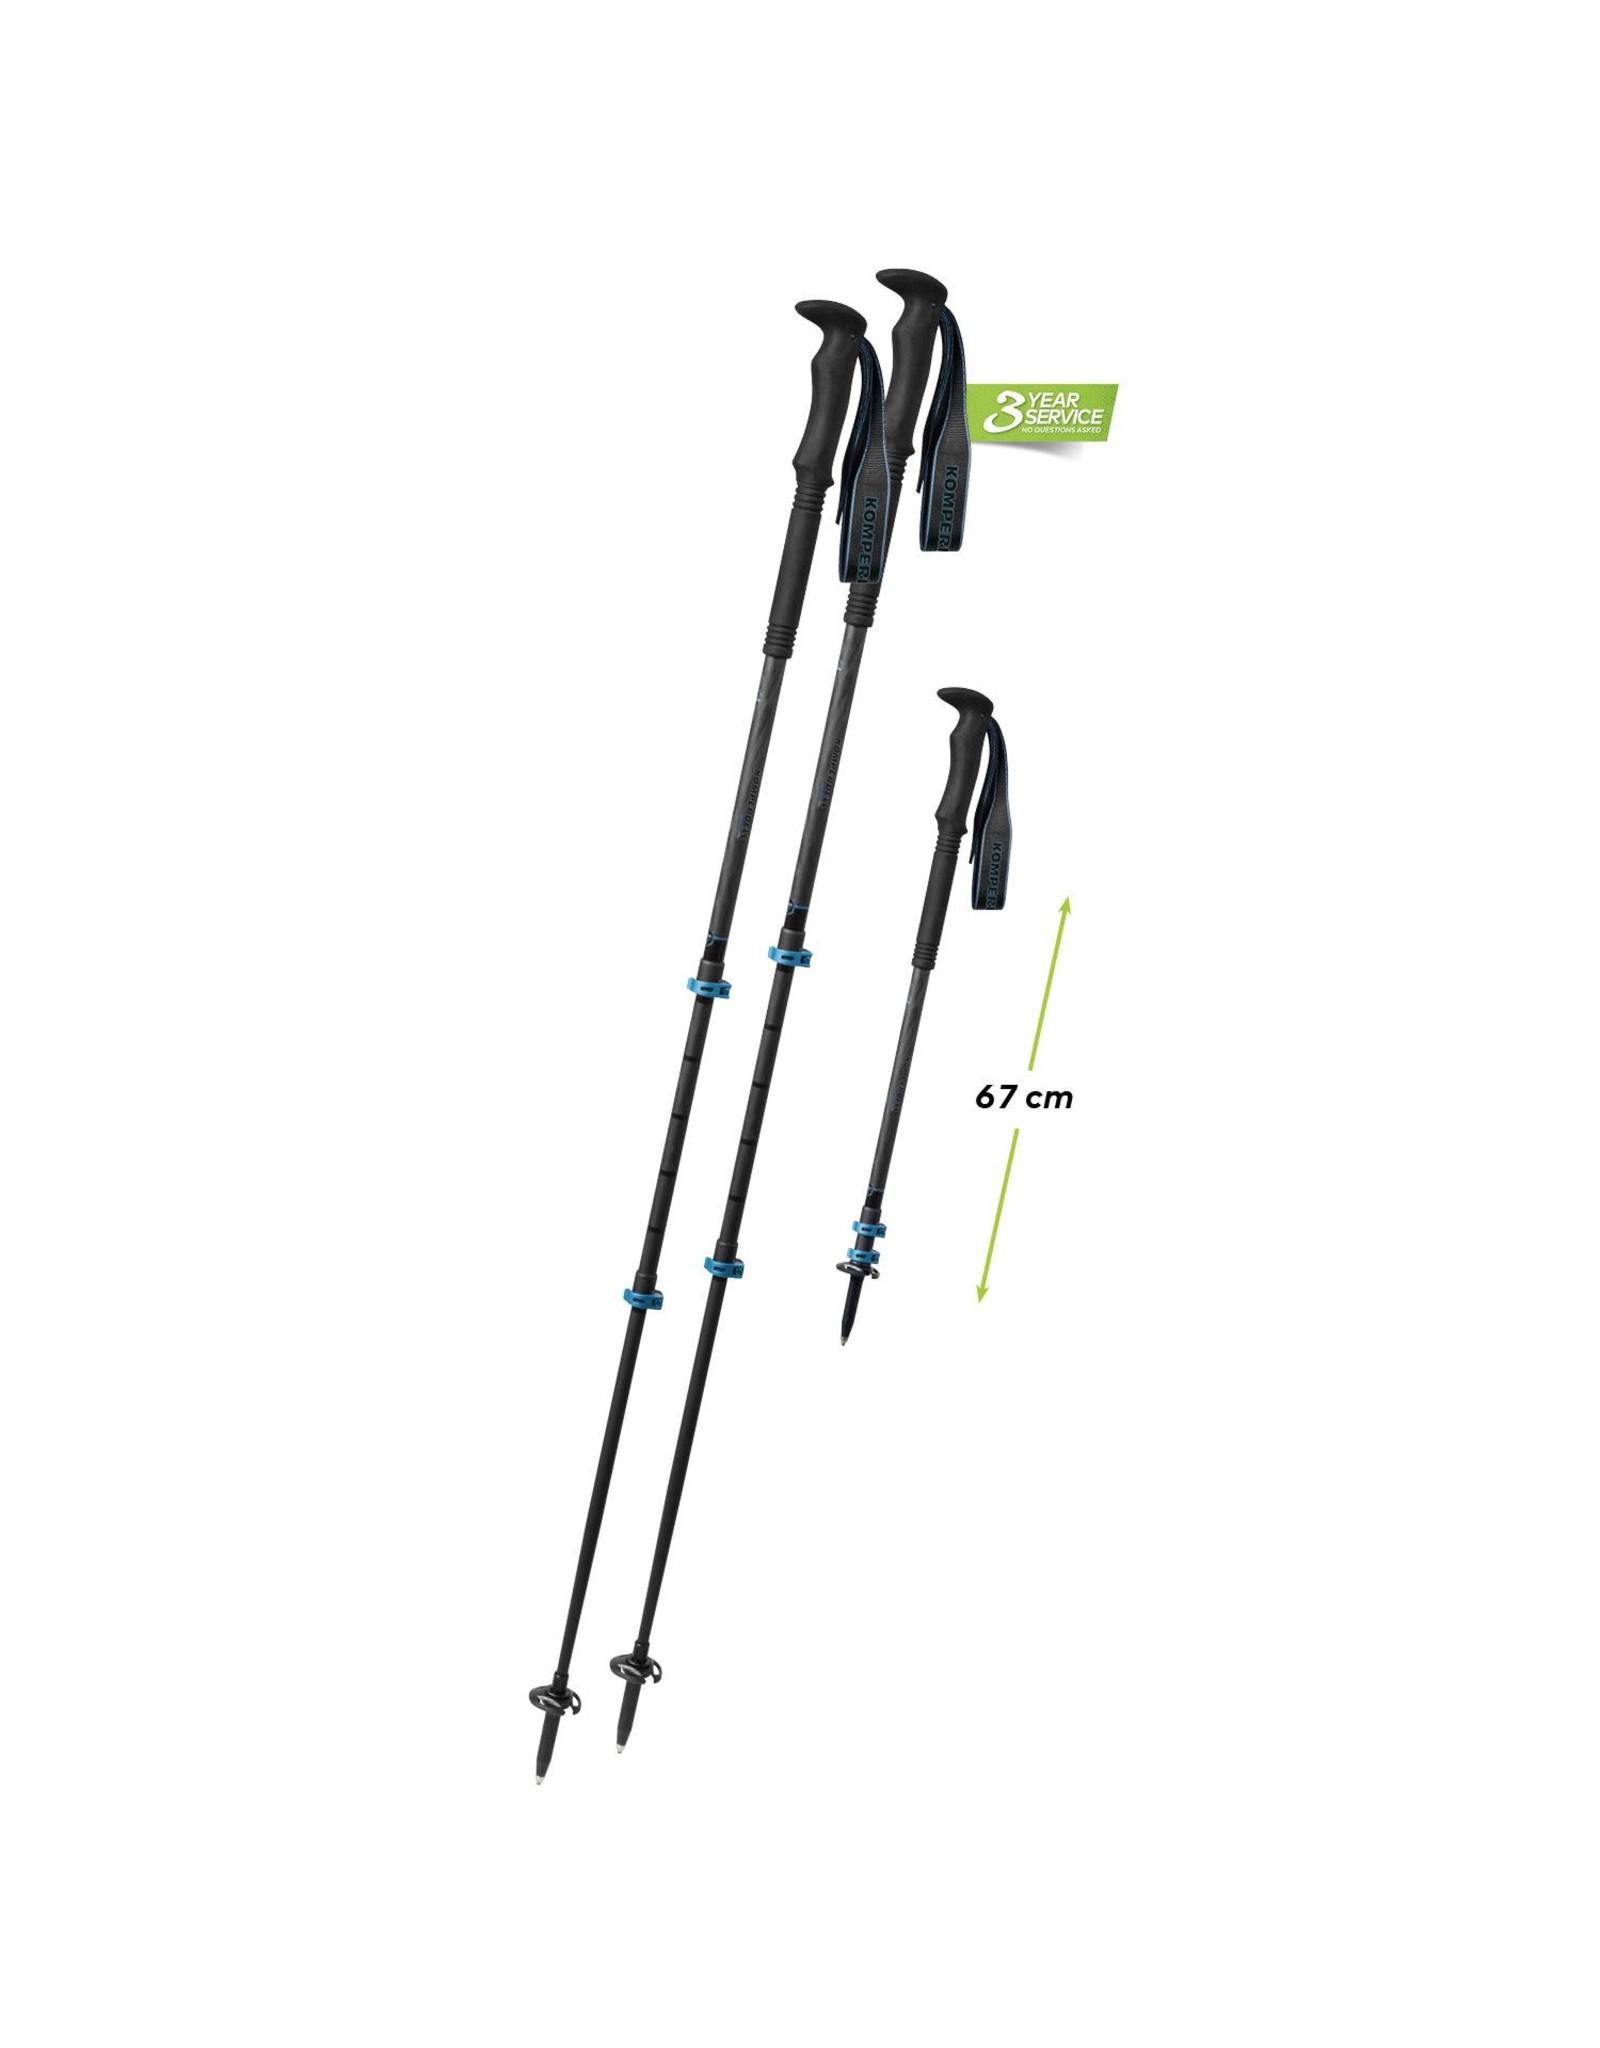 Komperdell Komperdell Carbon C3 Pro Poles